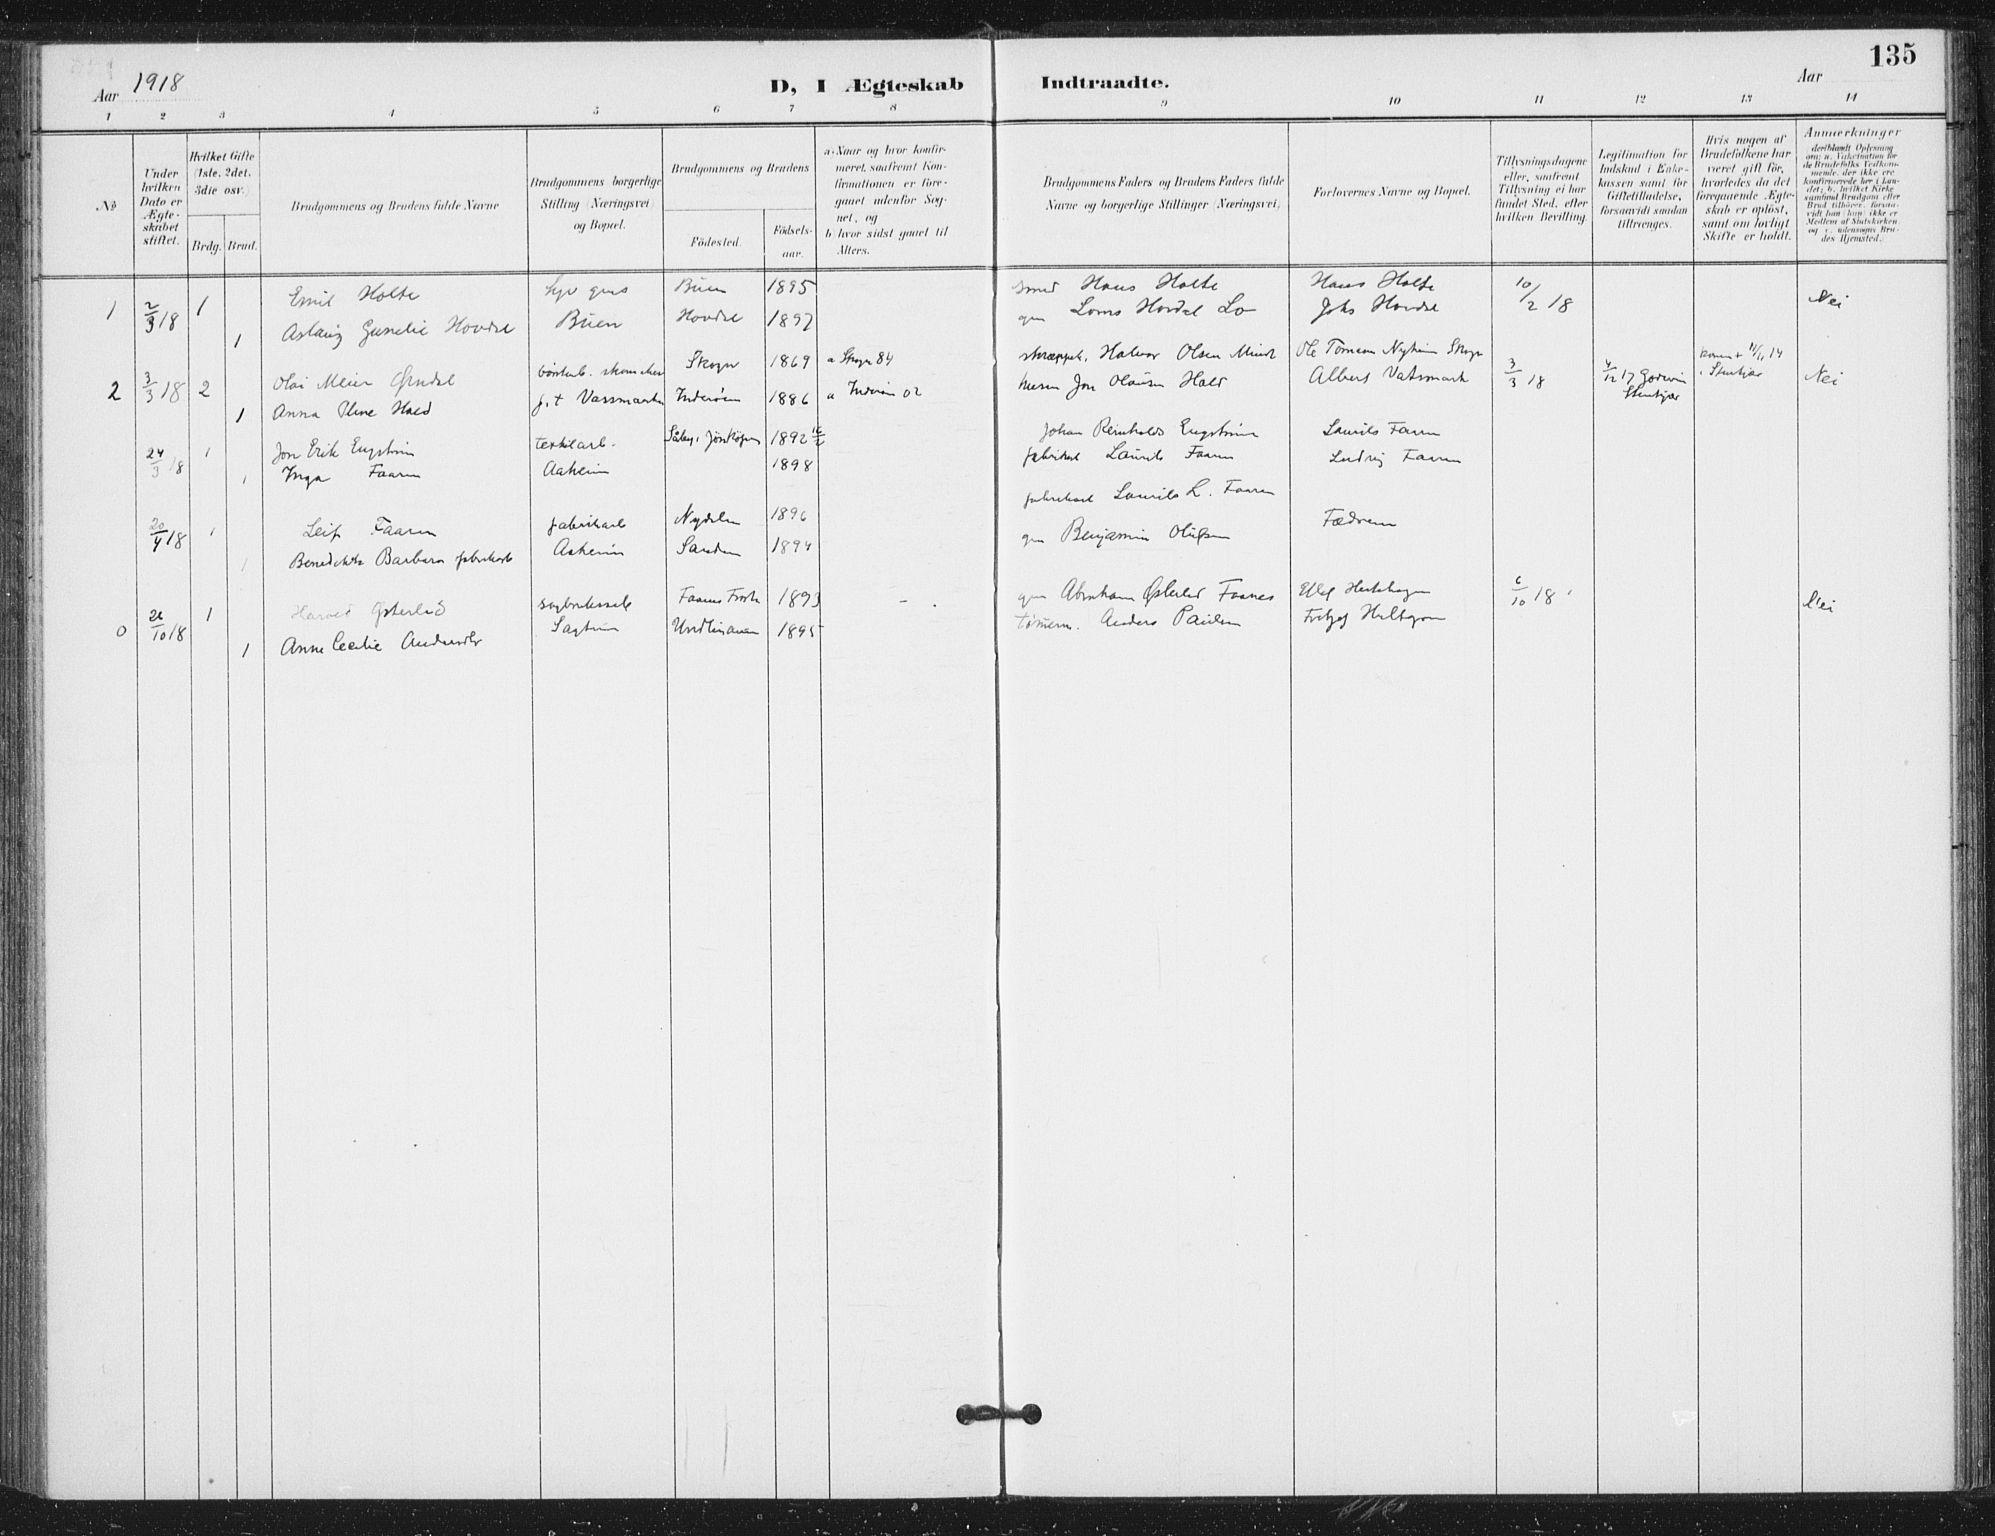 SAT, Ministerialprotokoller, klokkerbøker og fødselsregistre - Nord-Trøndelag, 714/L0131: Ministerialbok nr. 714A02, 1896-1918, s. 135